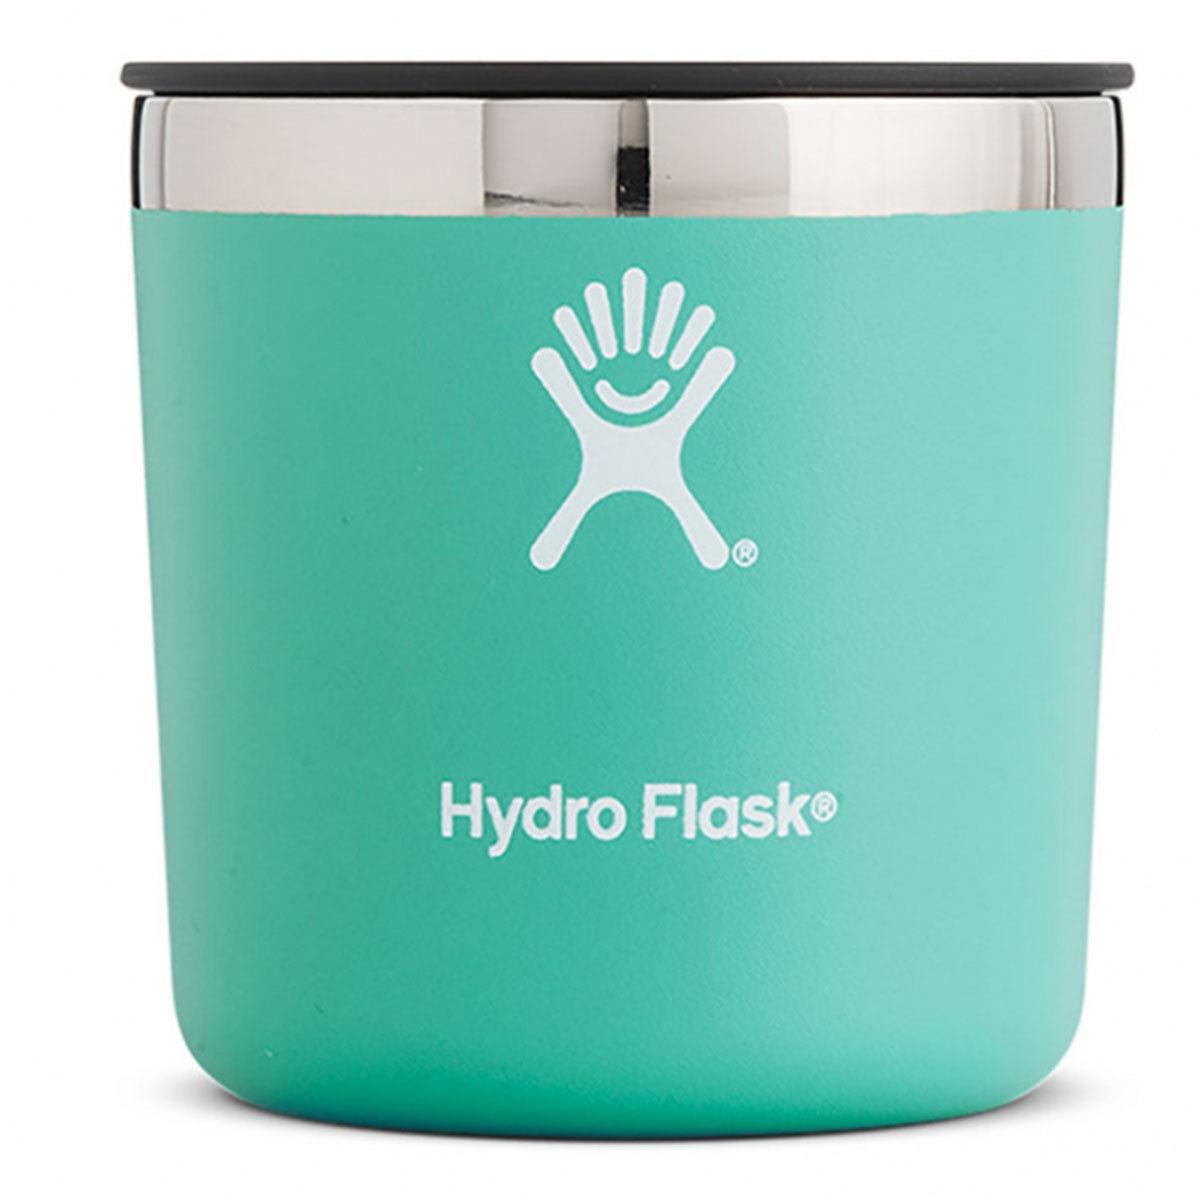 Hydro Flask 10 Oz. Rocks Glass